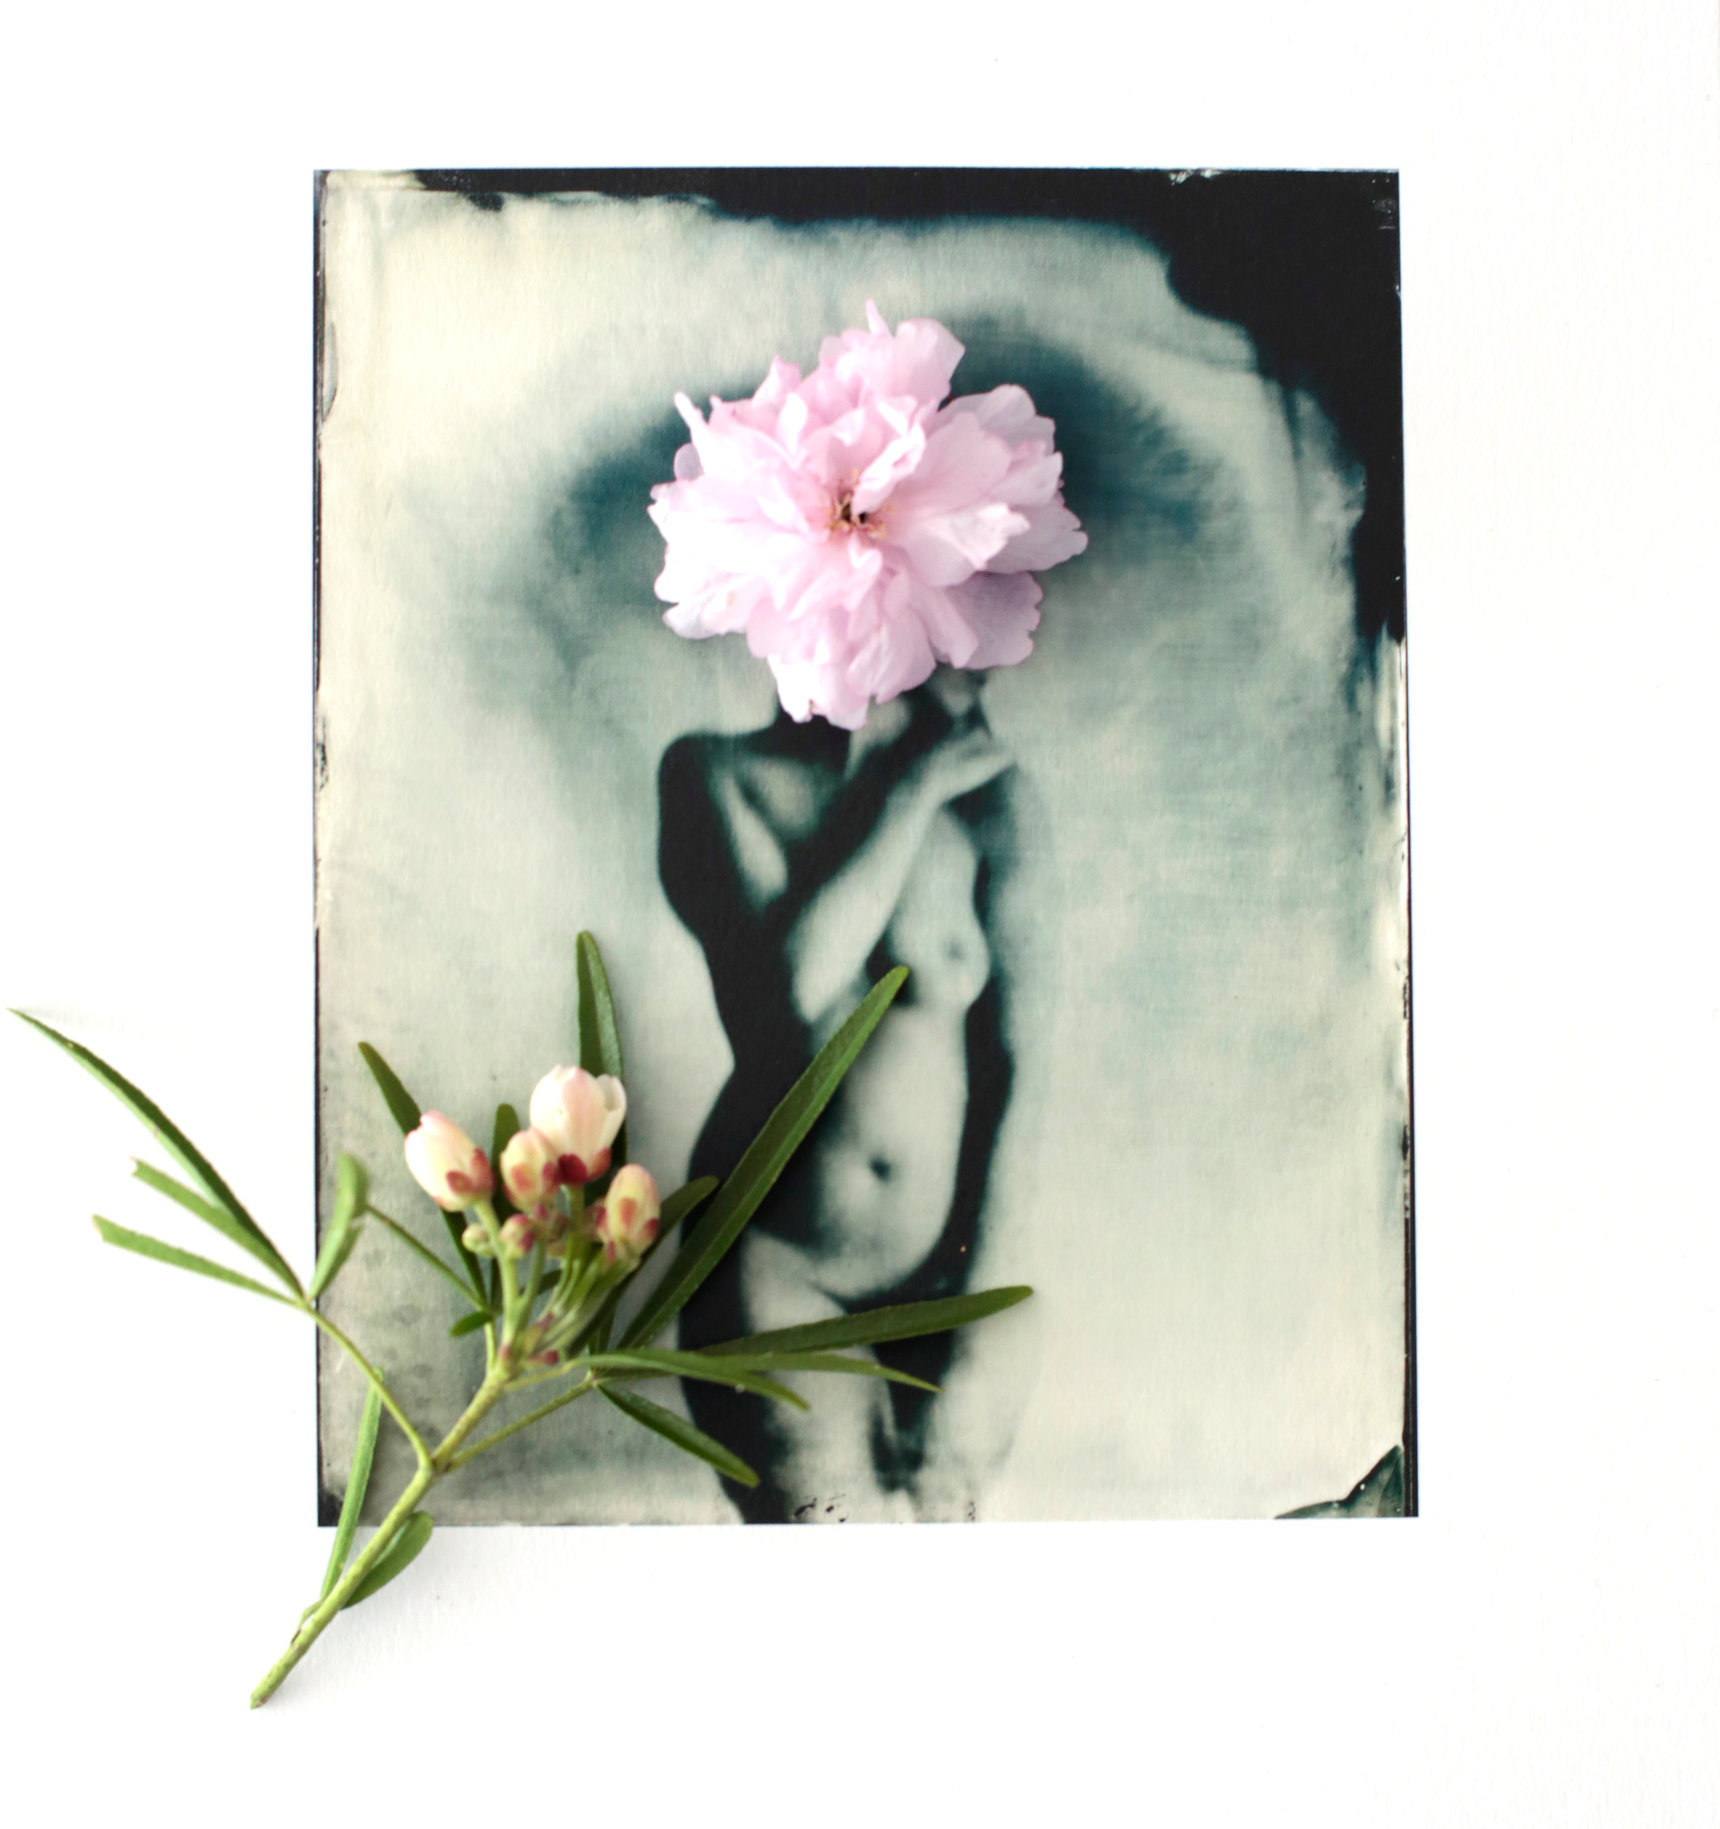 FLOWERS_1_021.JPG